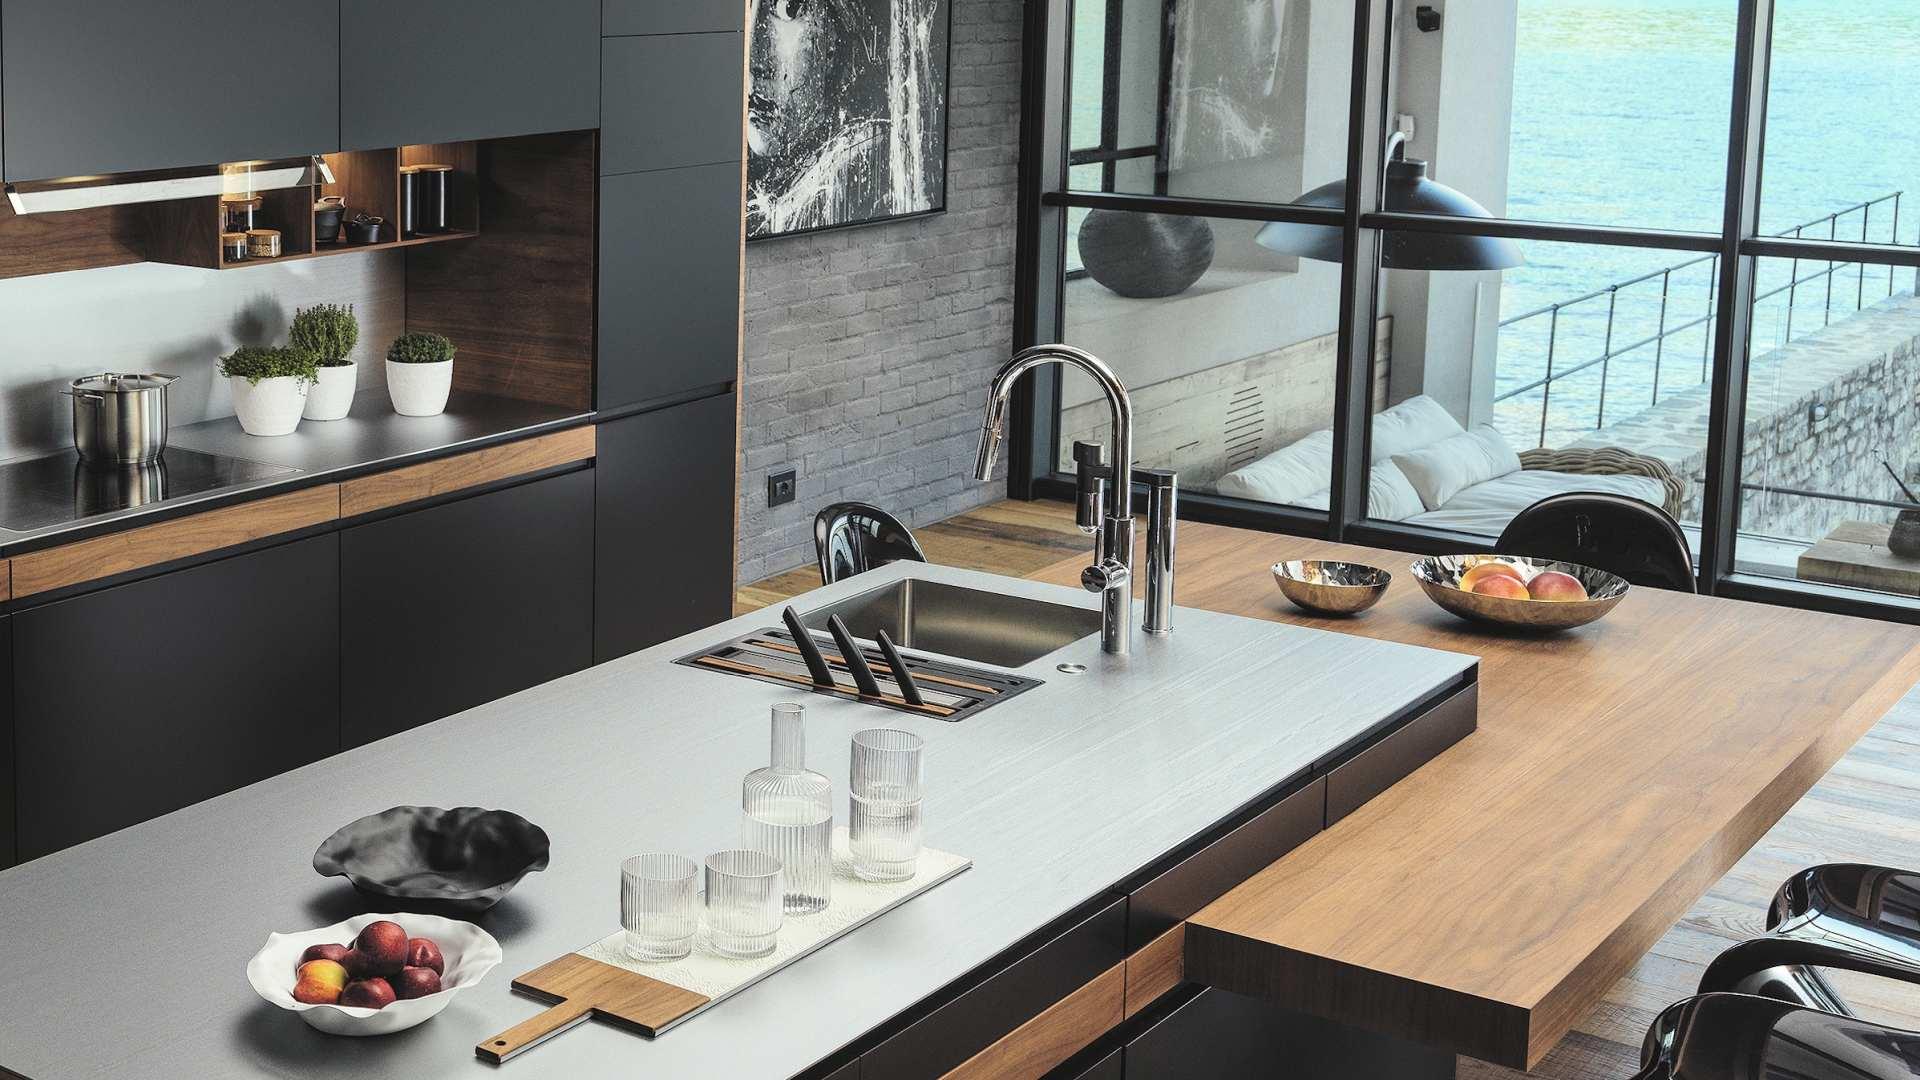 Spülen, Armaturen und Küchenausstattung bei Miele Center Markant in Dornbirn